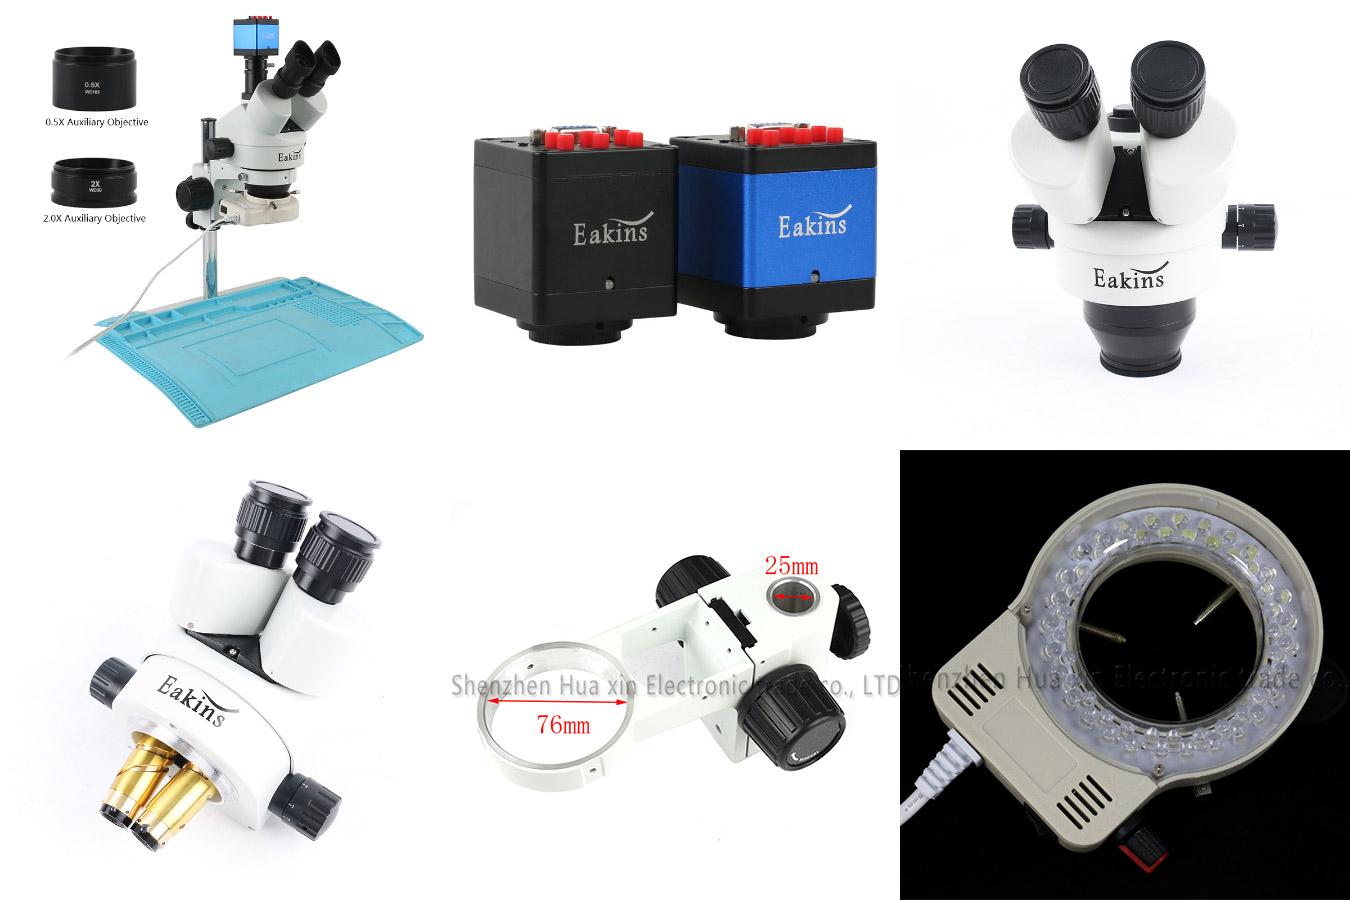 Микроскоп своими руками: пошаговый мастер-класс изготовления электронного микроскопа в домашних условиях